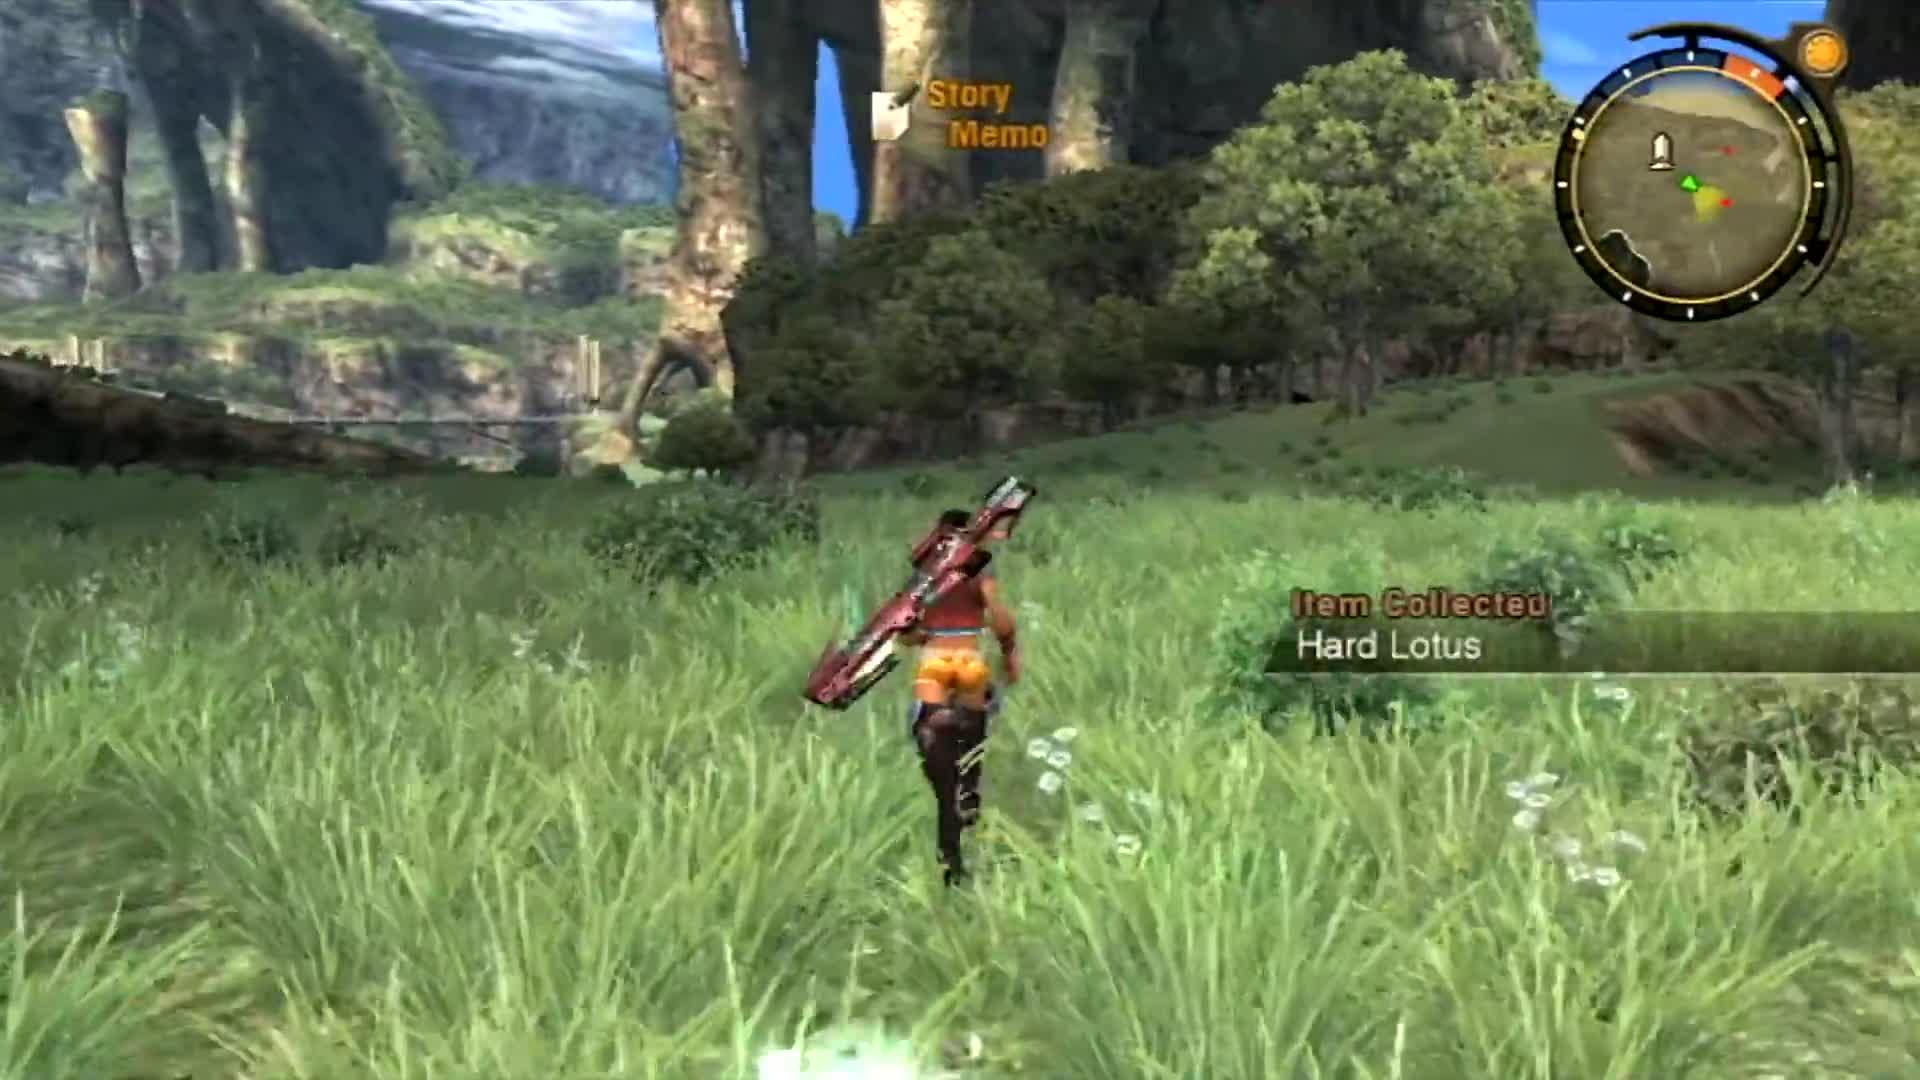 Adventure, Battle, Chronicles, Nintendo, RPG, Reyn Time, Shulk, Wii, Xenoblade, Xenoblade Chronicles, Xenoblade Chronicles - Episode 13: Earnest's Solitude GIFs